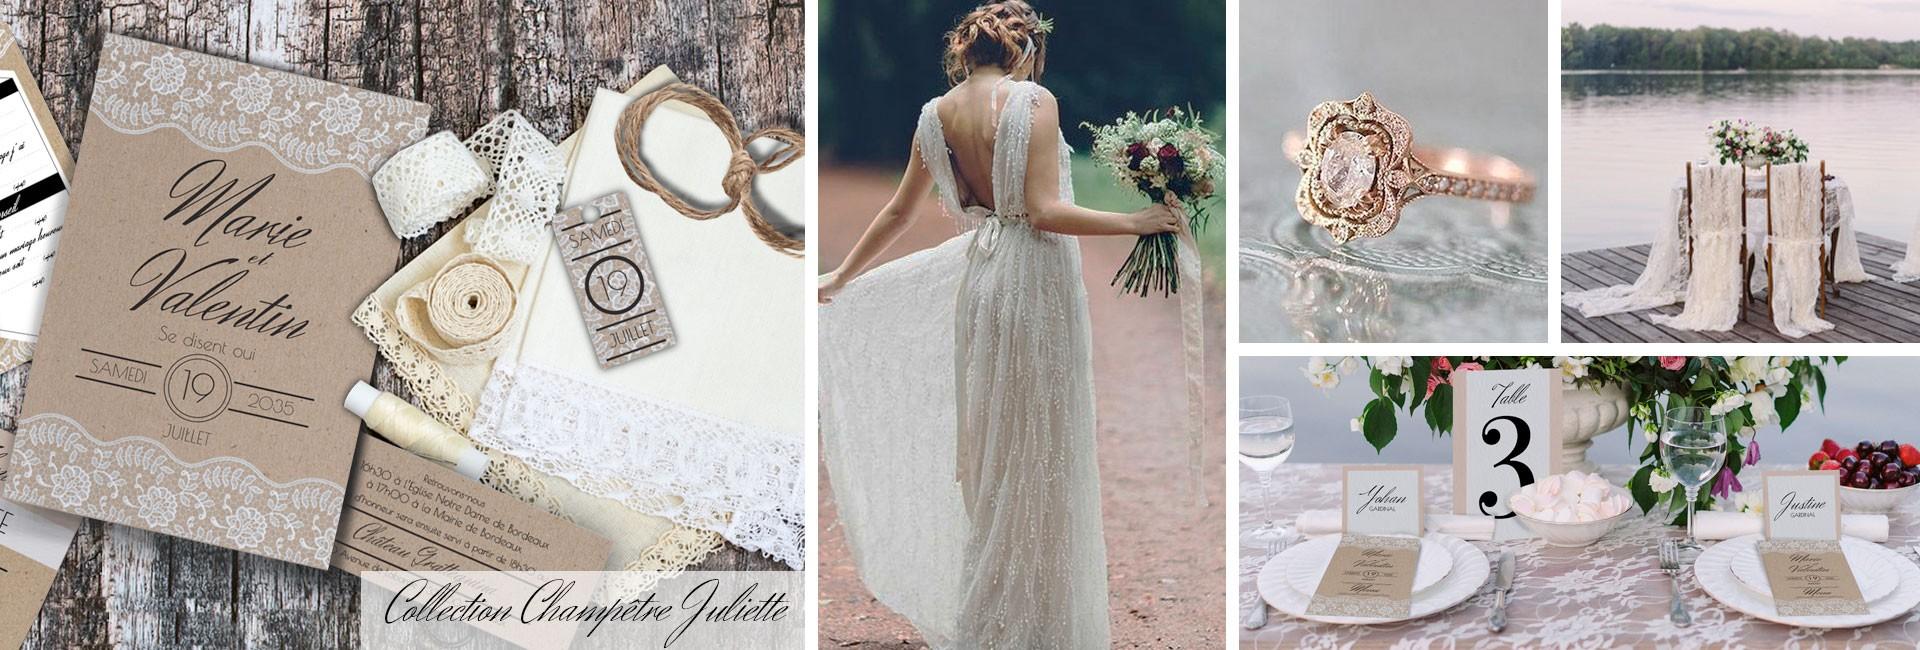 Faire part de mariage champêtre chic collection Juliette